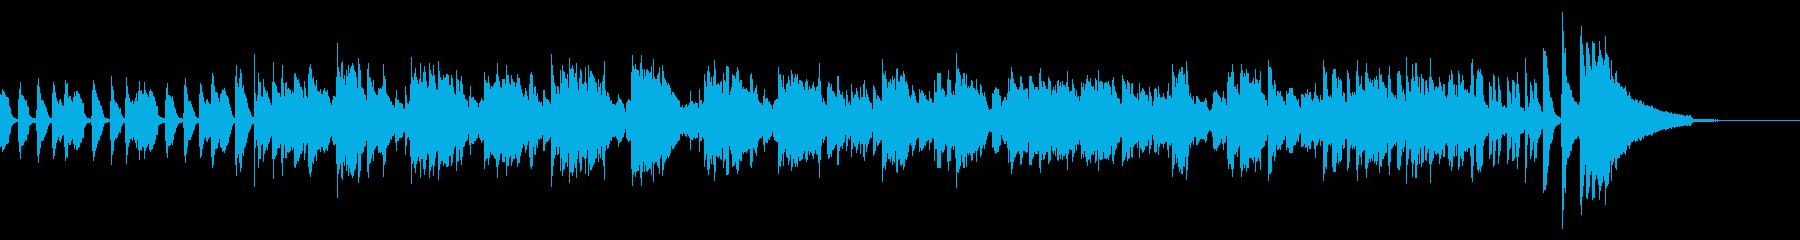 サックスとピアノの軽いジャズ55秒の再生済みの波形